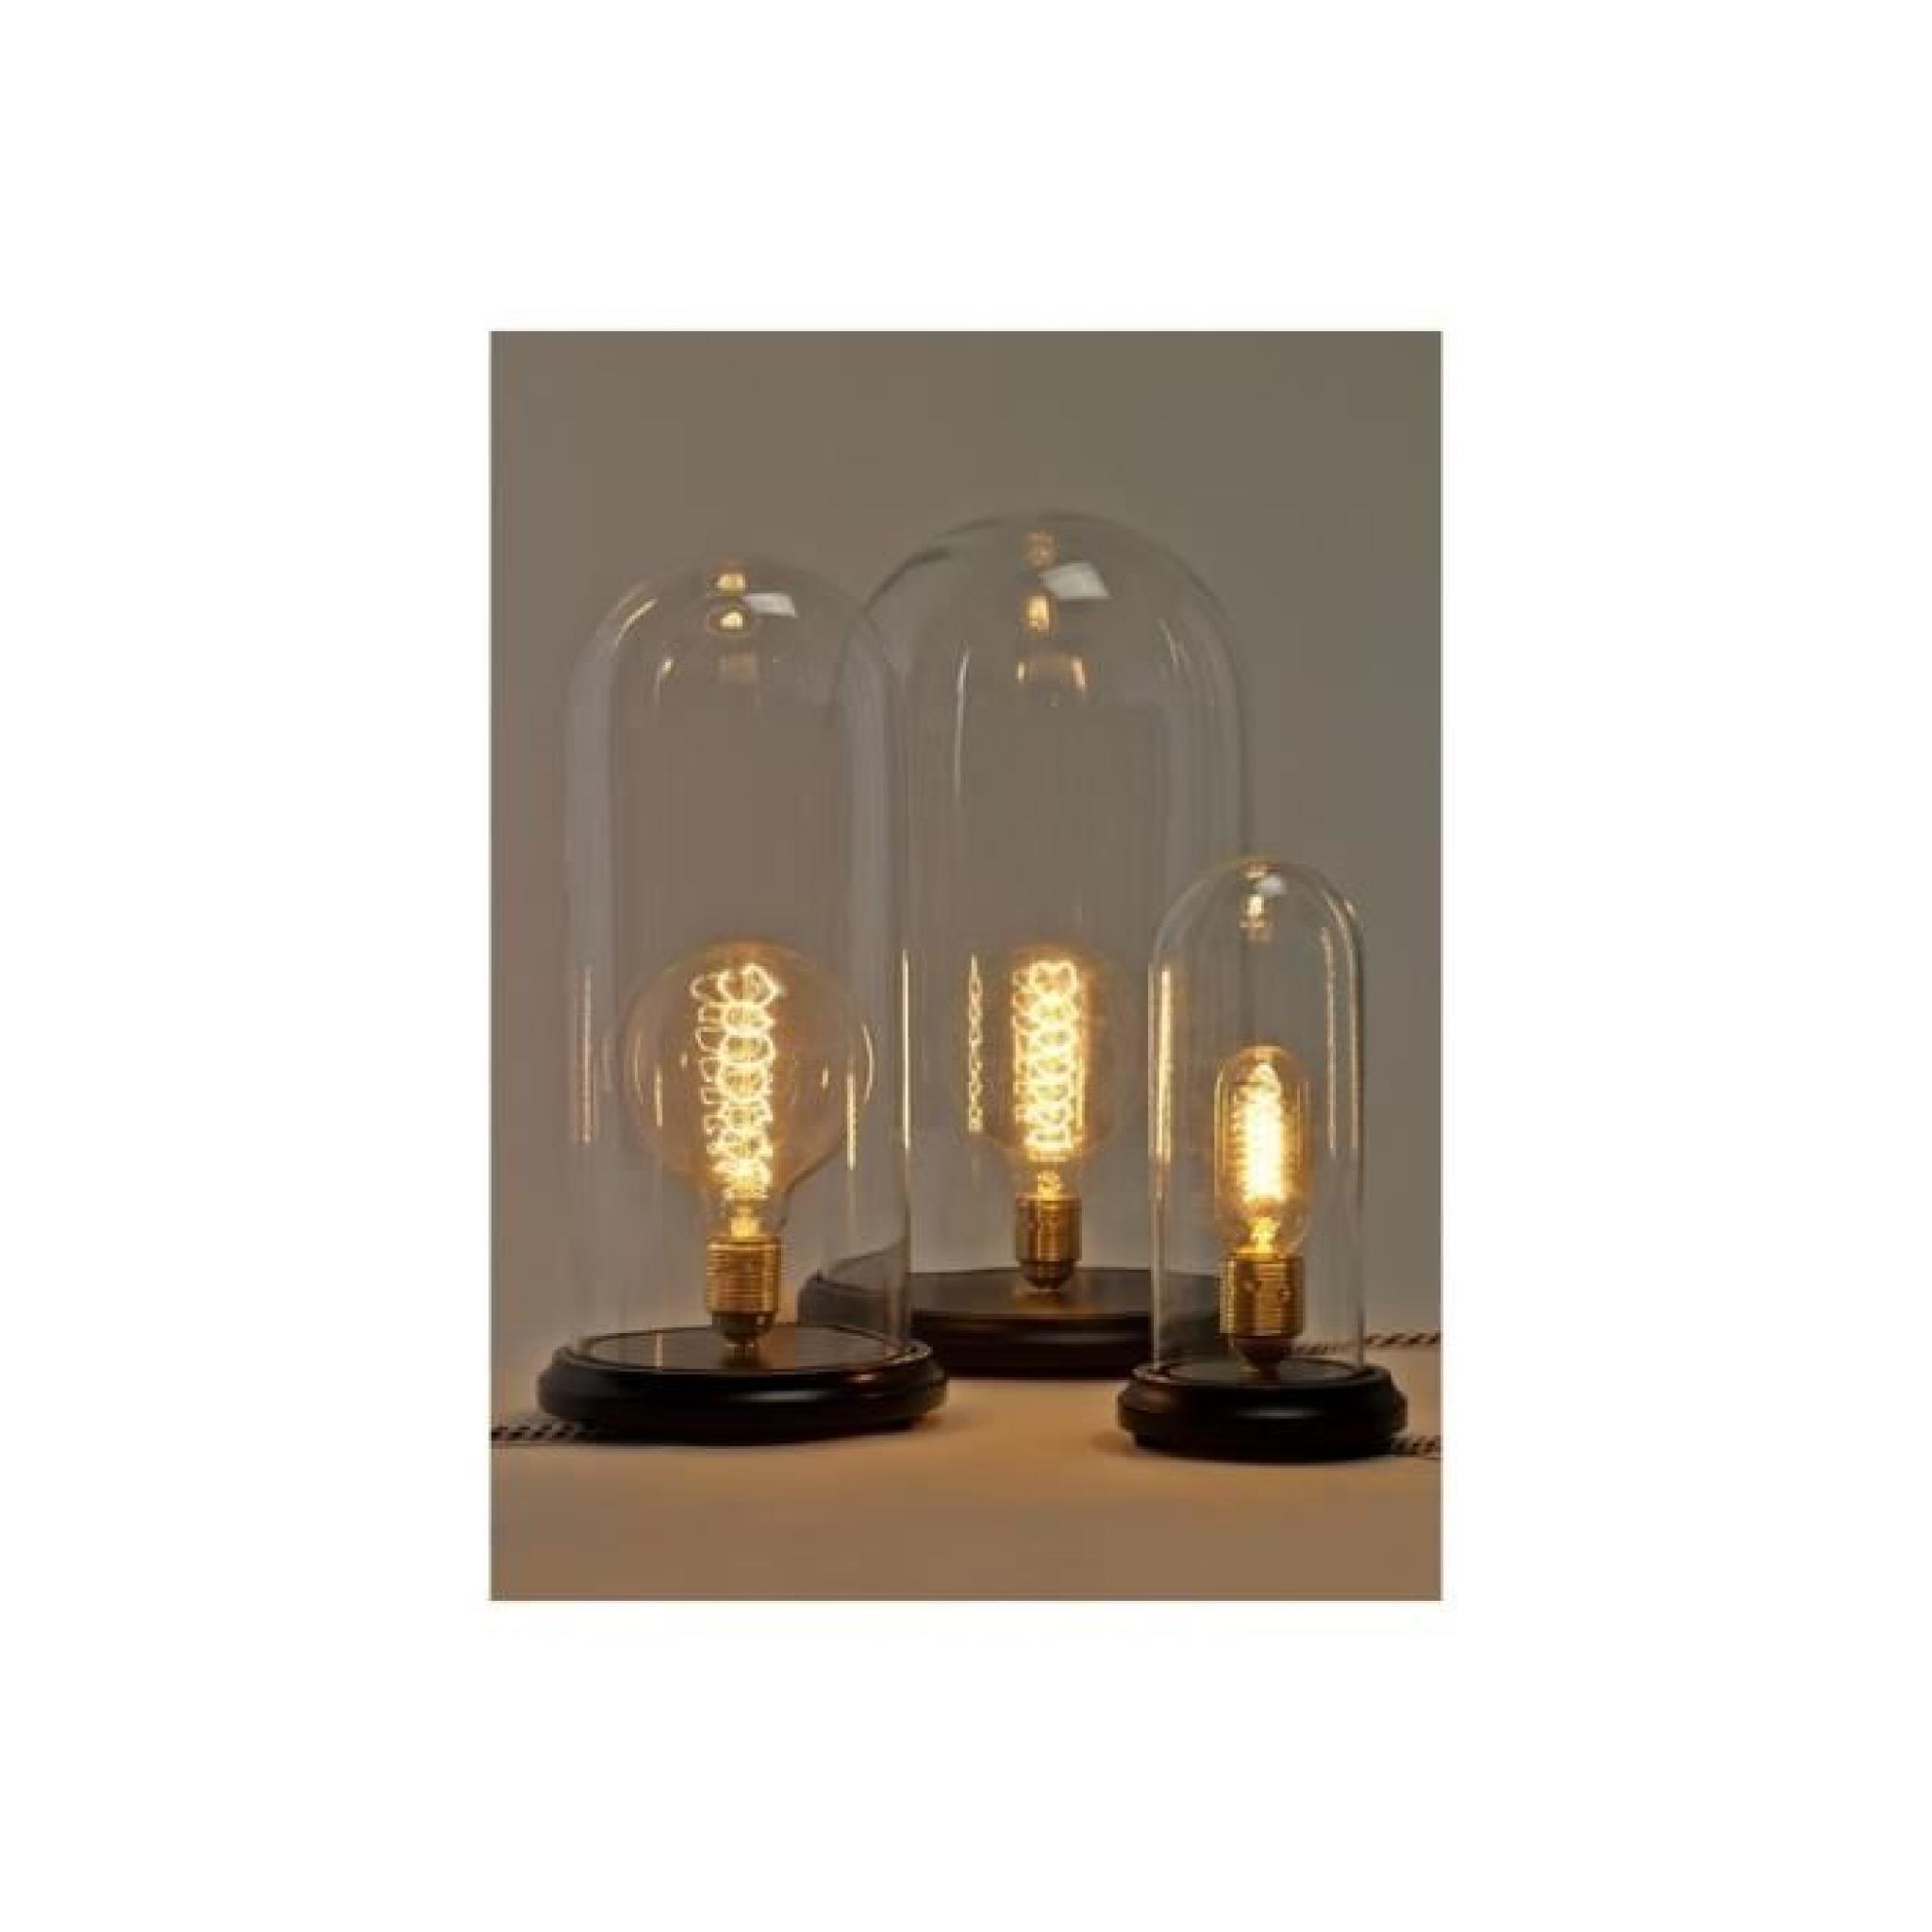 Lampe ampoule beautiful lampe ampoule with lampe ampoule awesome lampe ampoule with lampe - Lampe de chevet ampoule ...